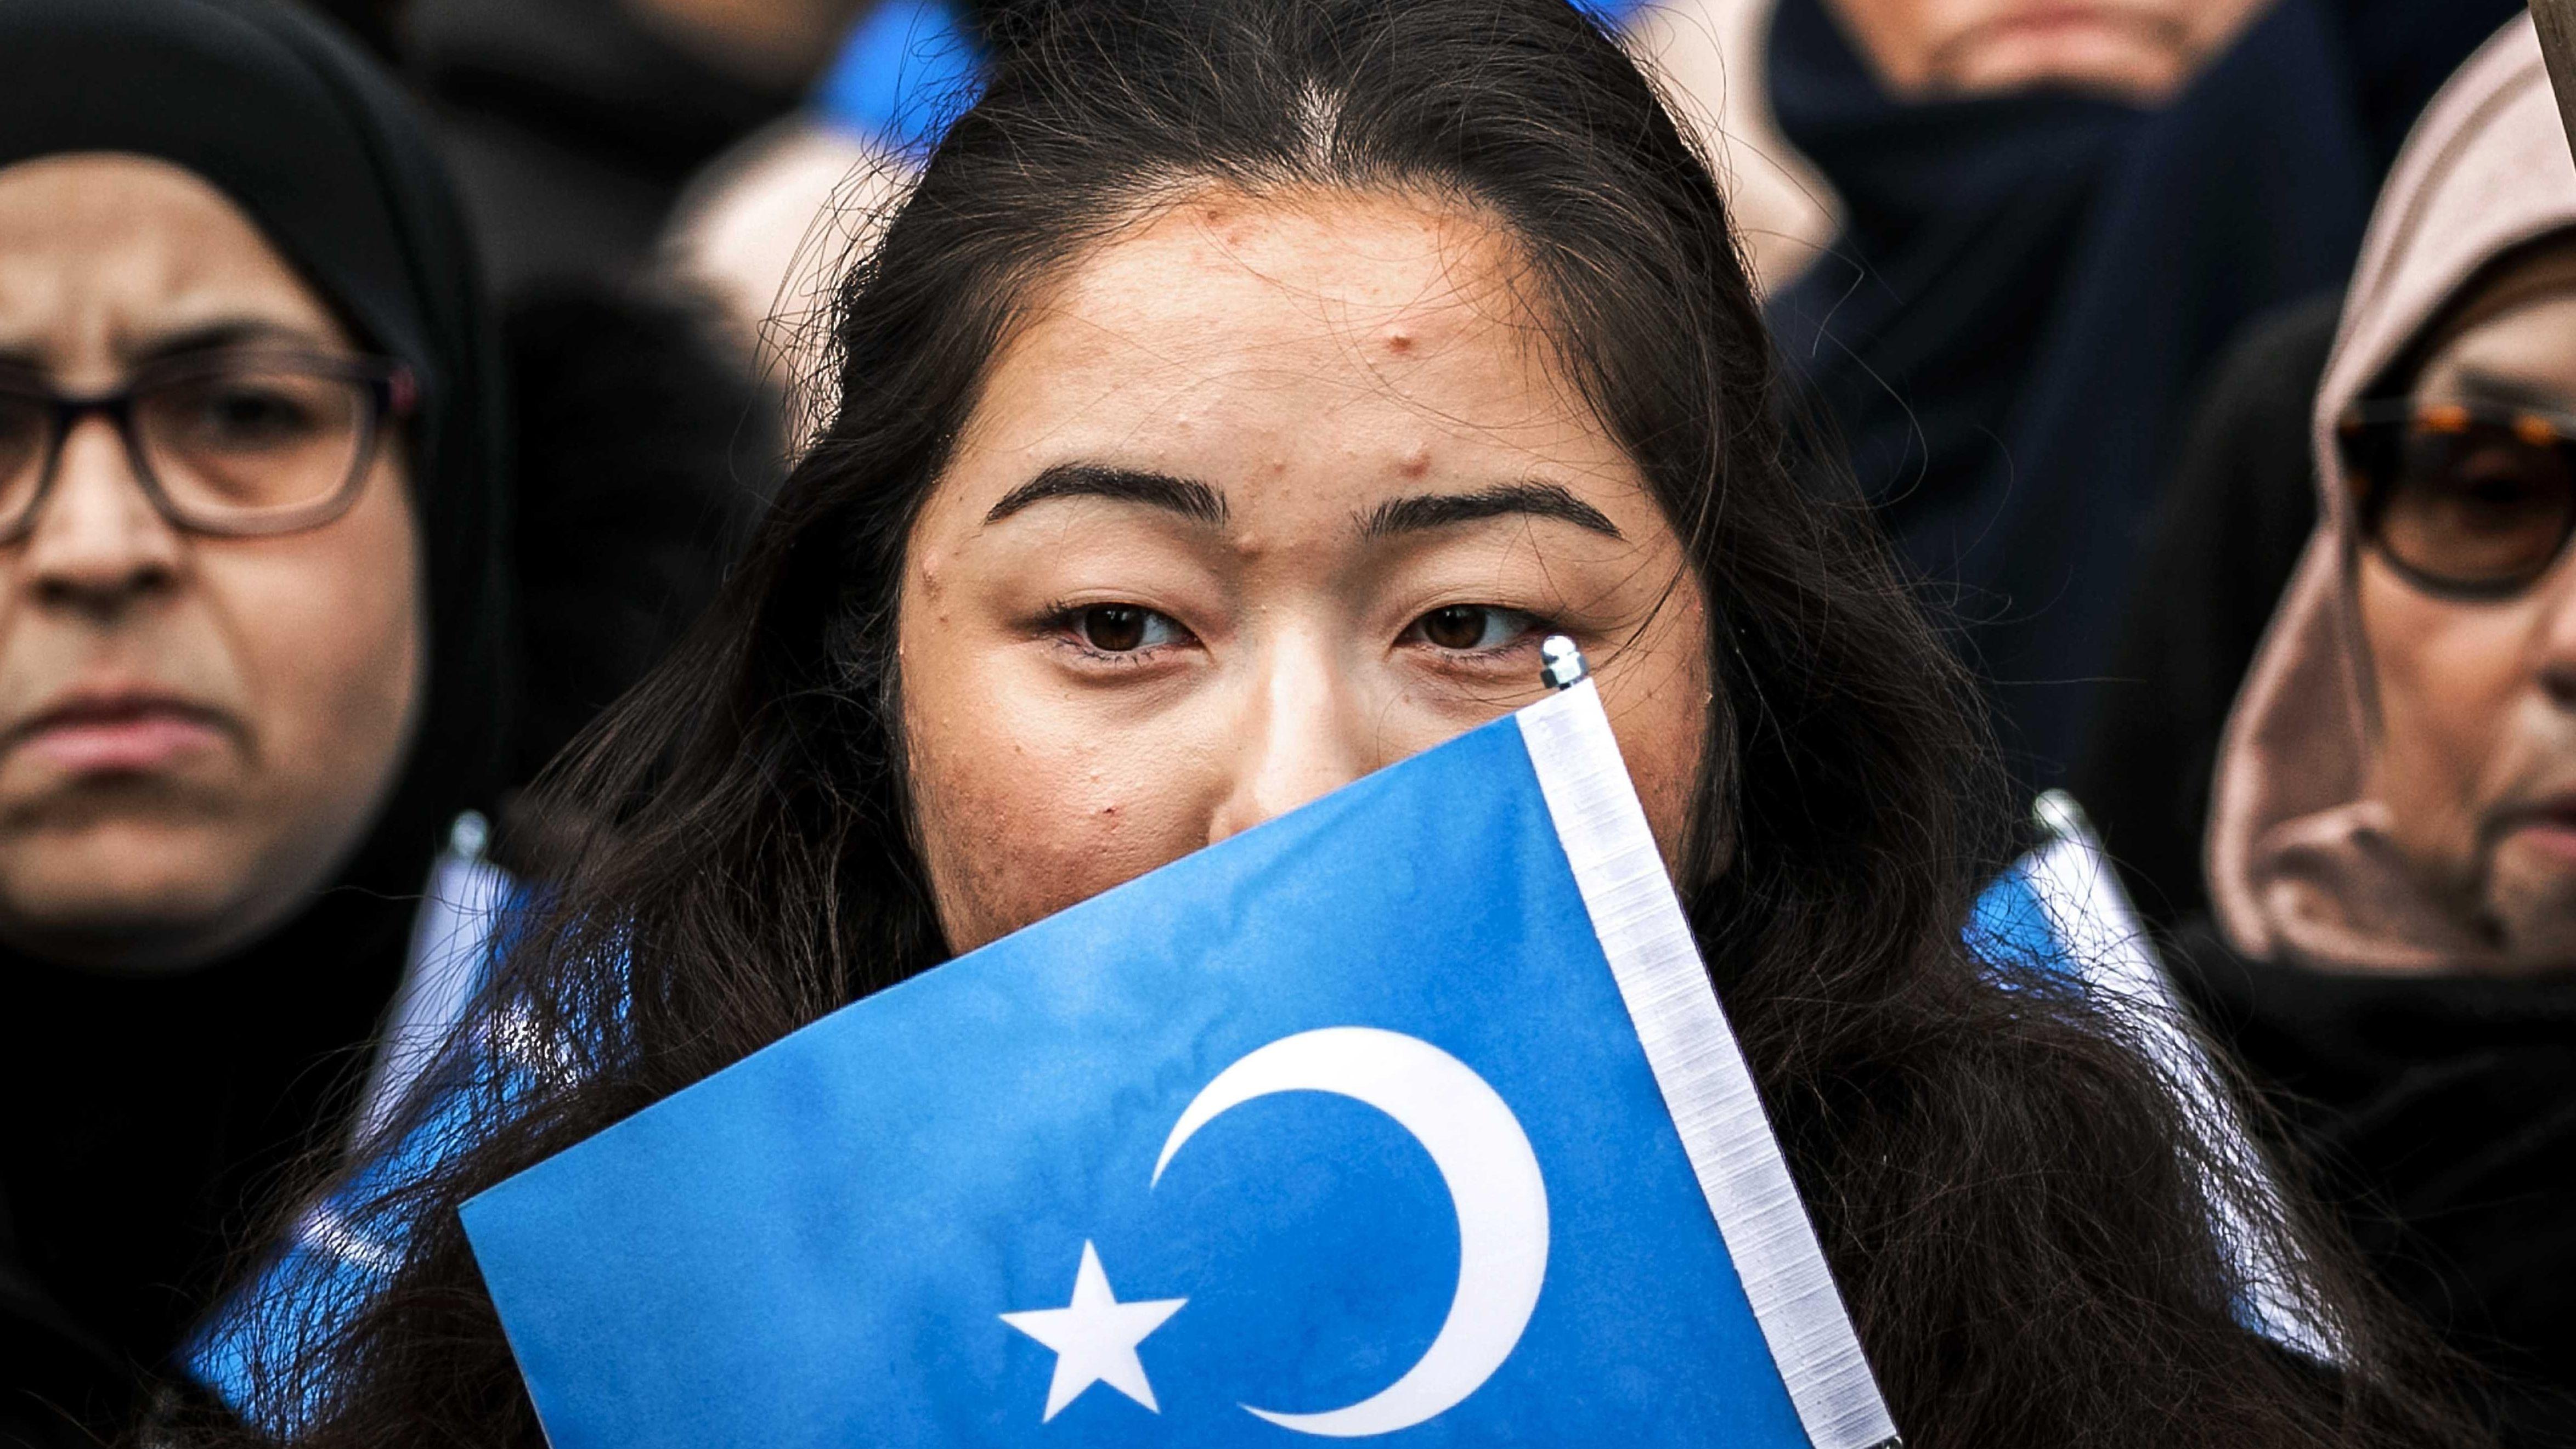 Uiguren und Sympathisanten demonstrieren auf dem Damm. Sie setzen sich gegen die Unterdrückung der Uiguren in China durch die Regierung dieses Landes ein. (Archivfoto)